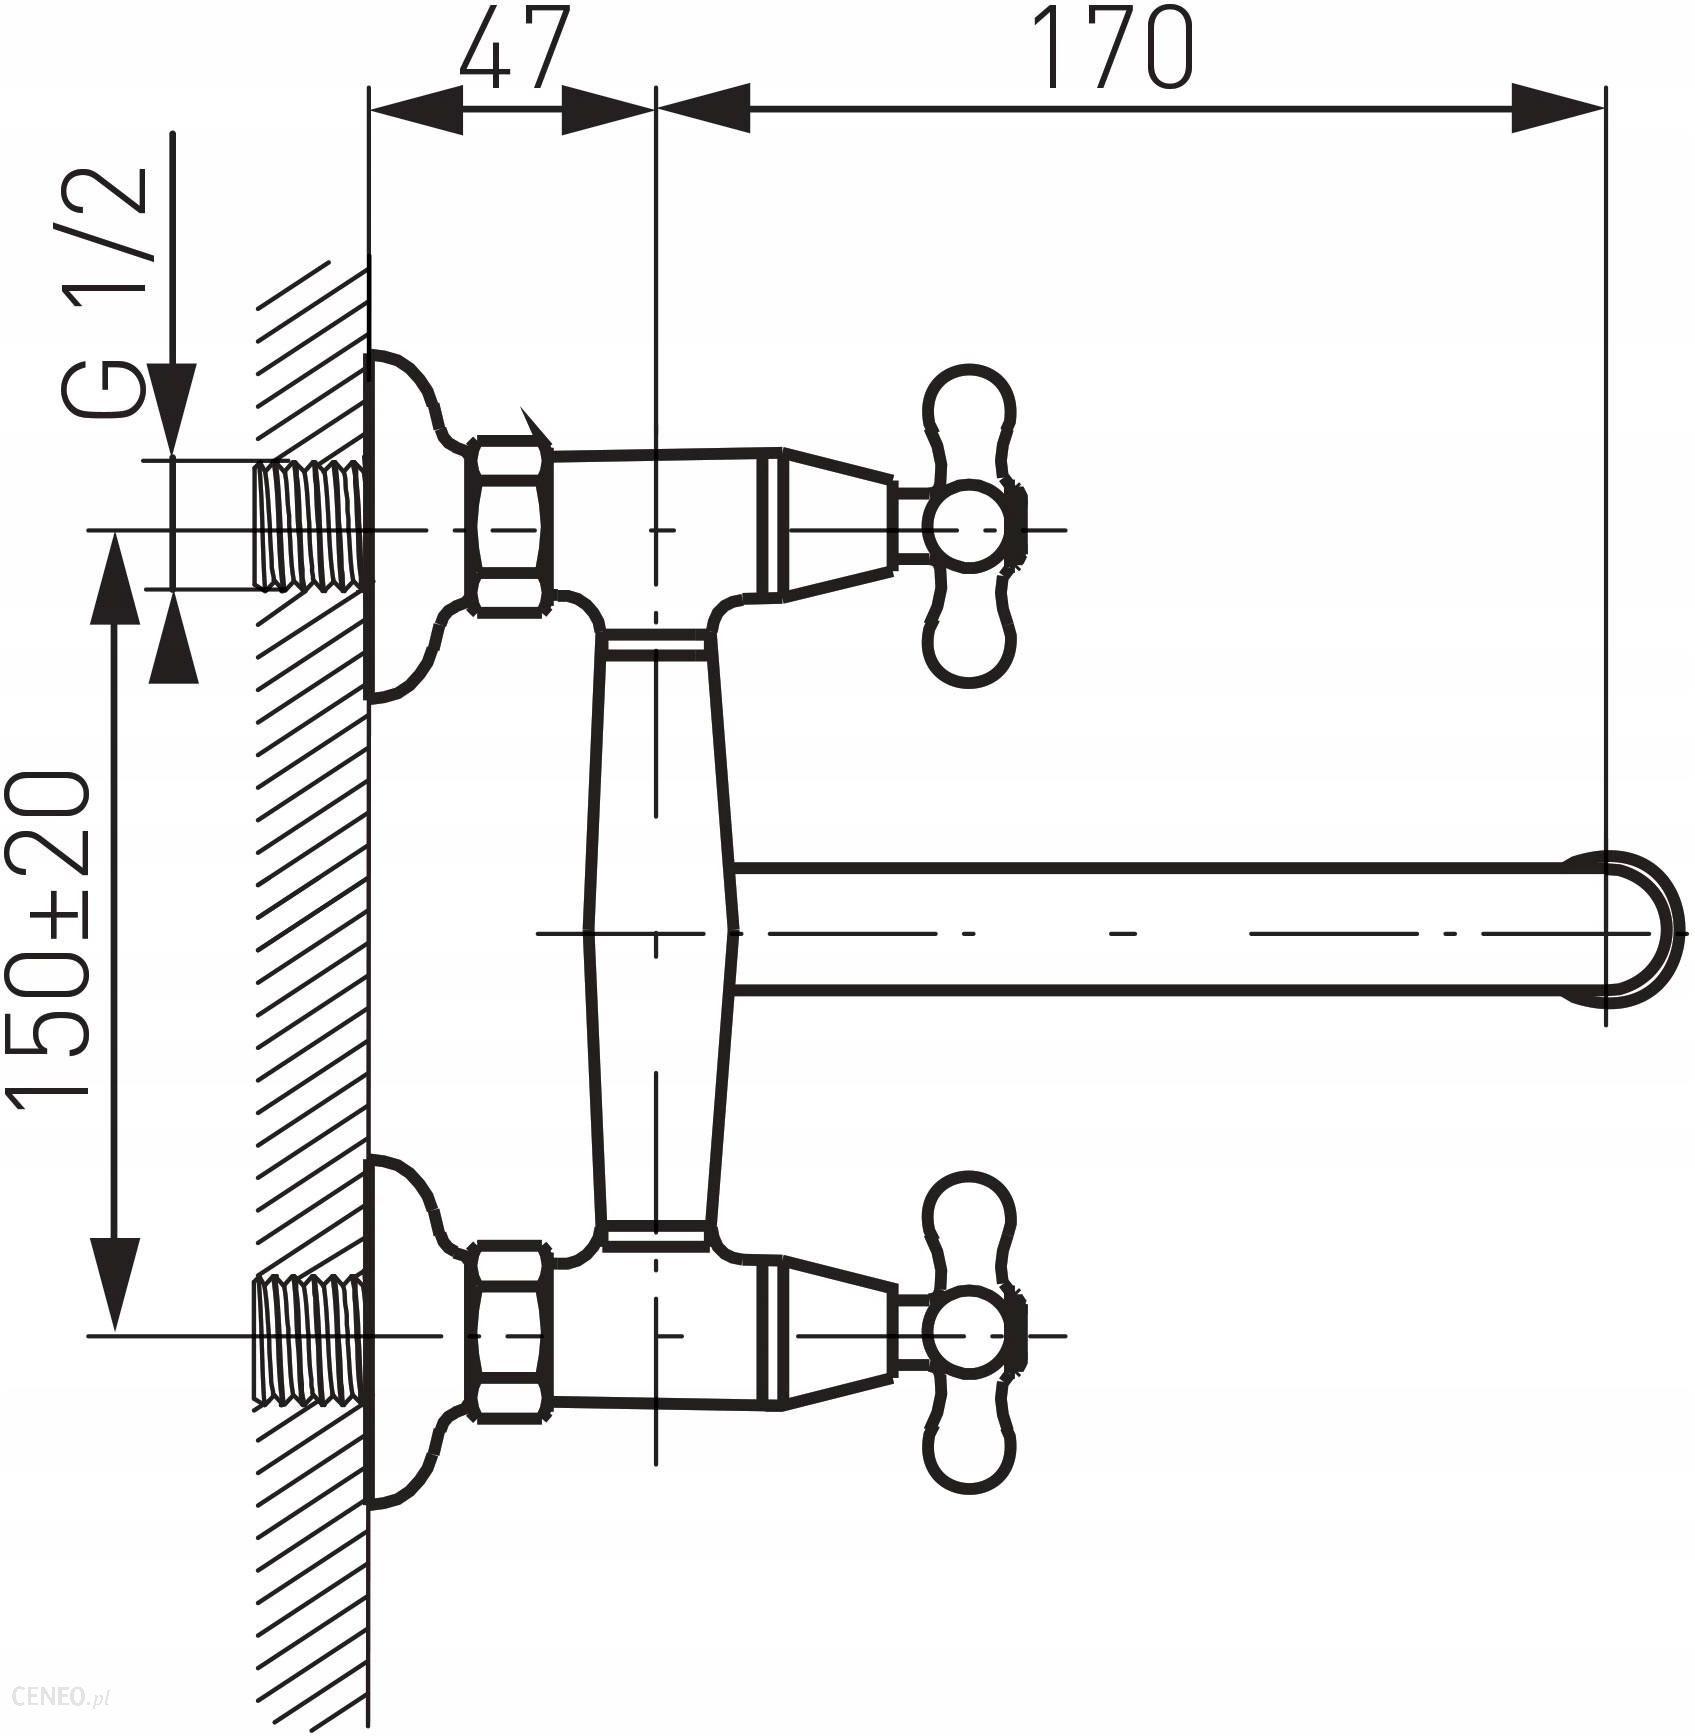 Bateria Kuchenna Budowa.Ferro Retro New Xd5 Bateria Kuchenna Typ Scienne Opinie I Ceny Na Ceneo Pl